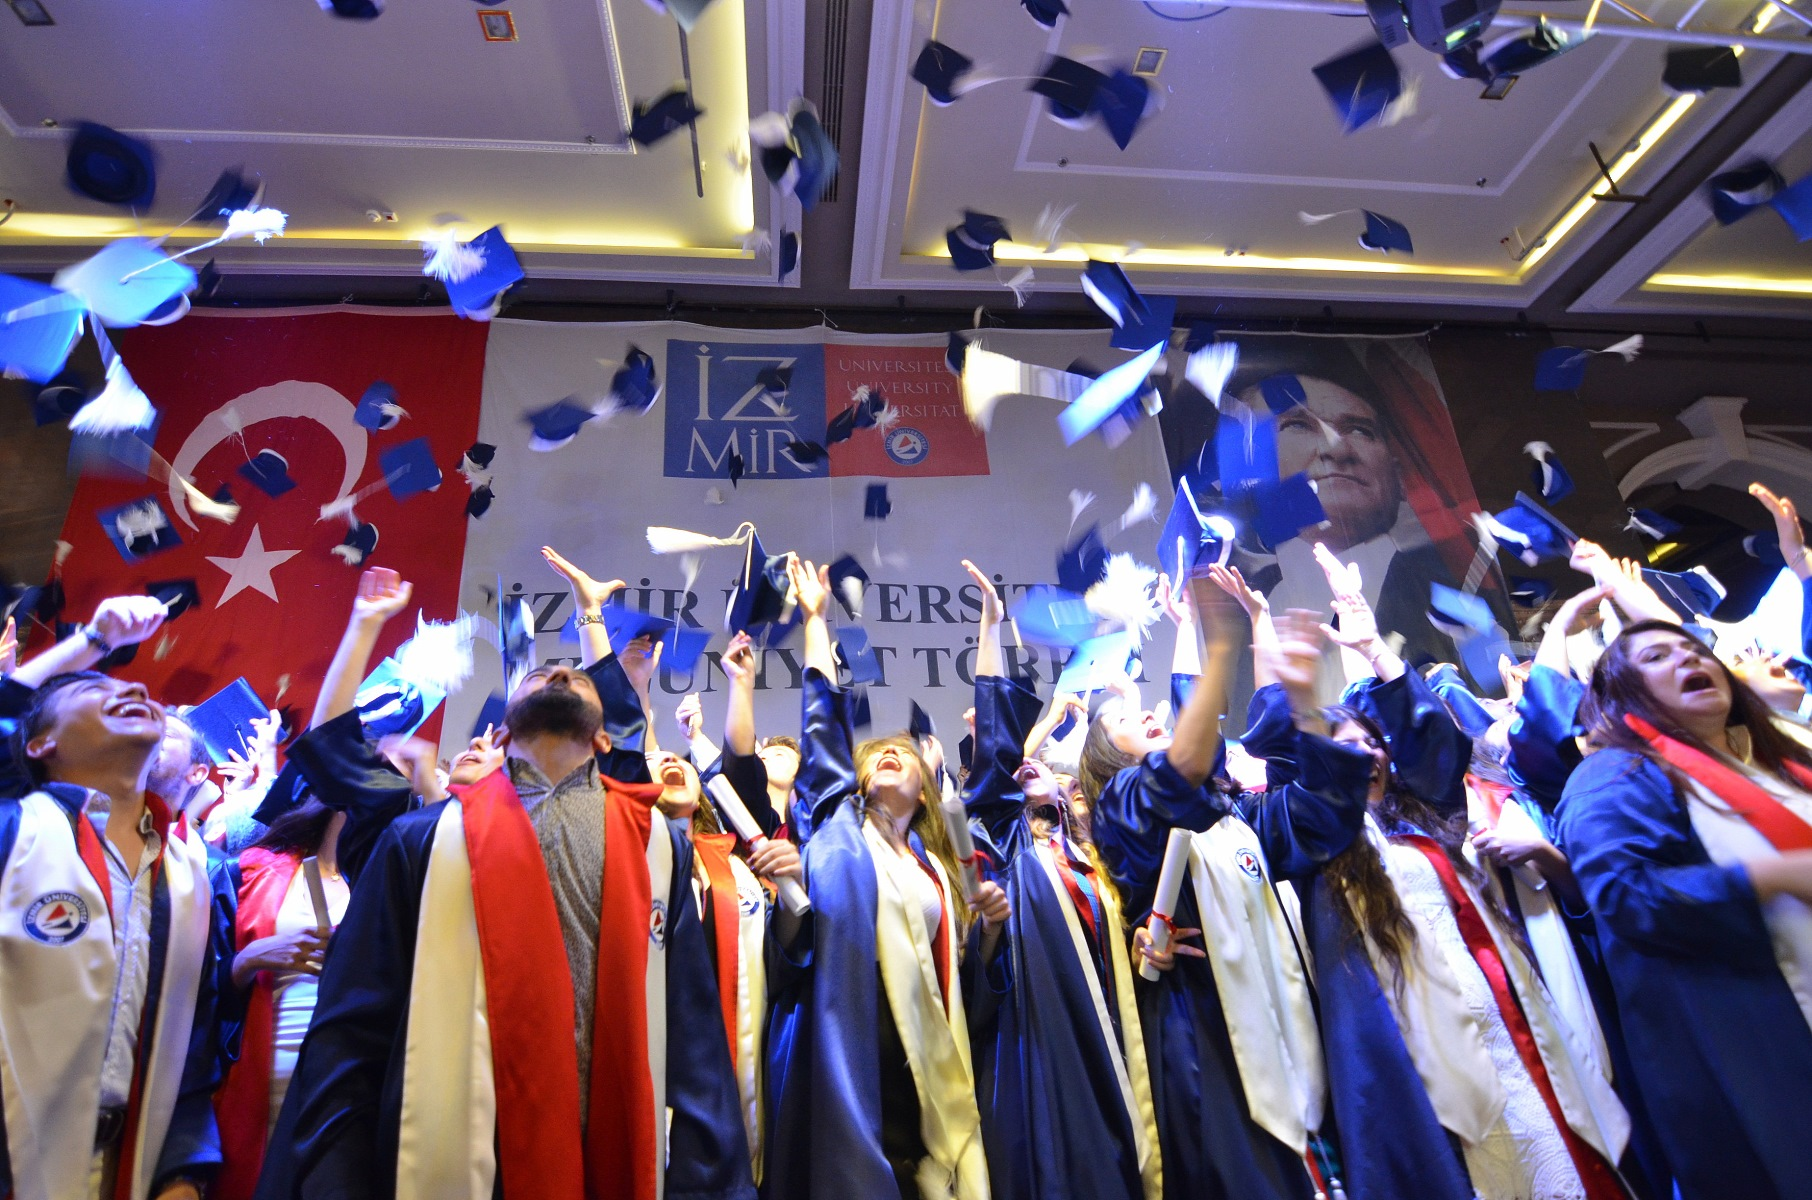 İzmir Üniversitesi 1200 öğrencisini yeni hayatlarına uğurladı